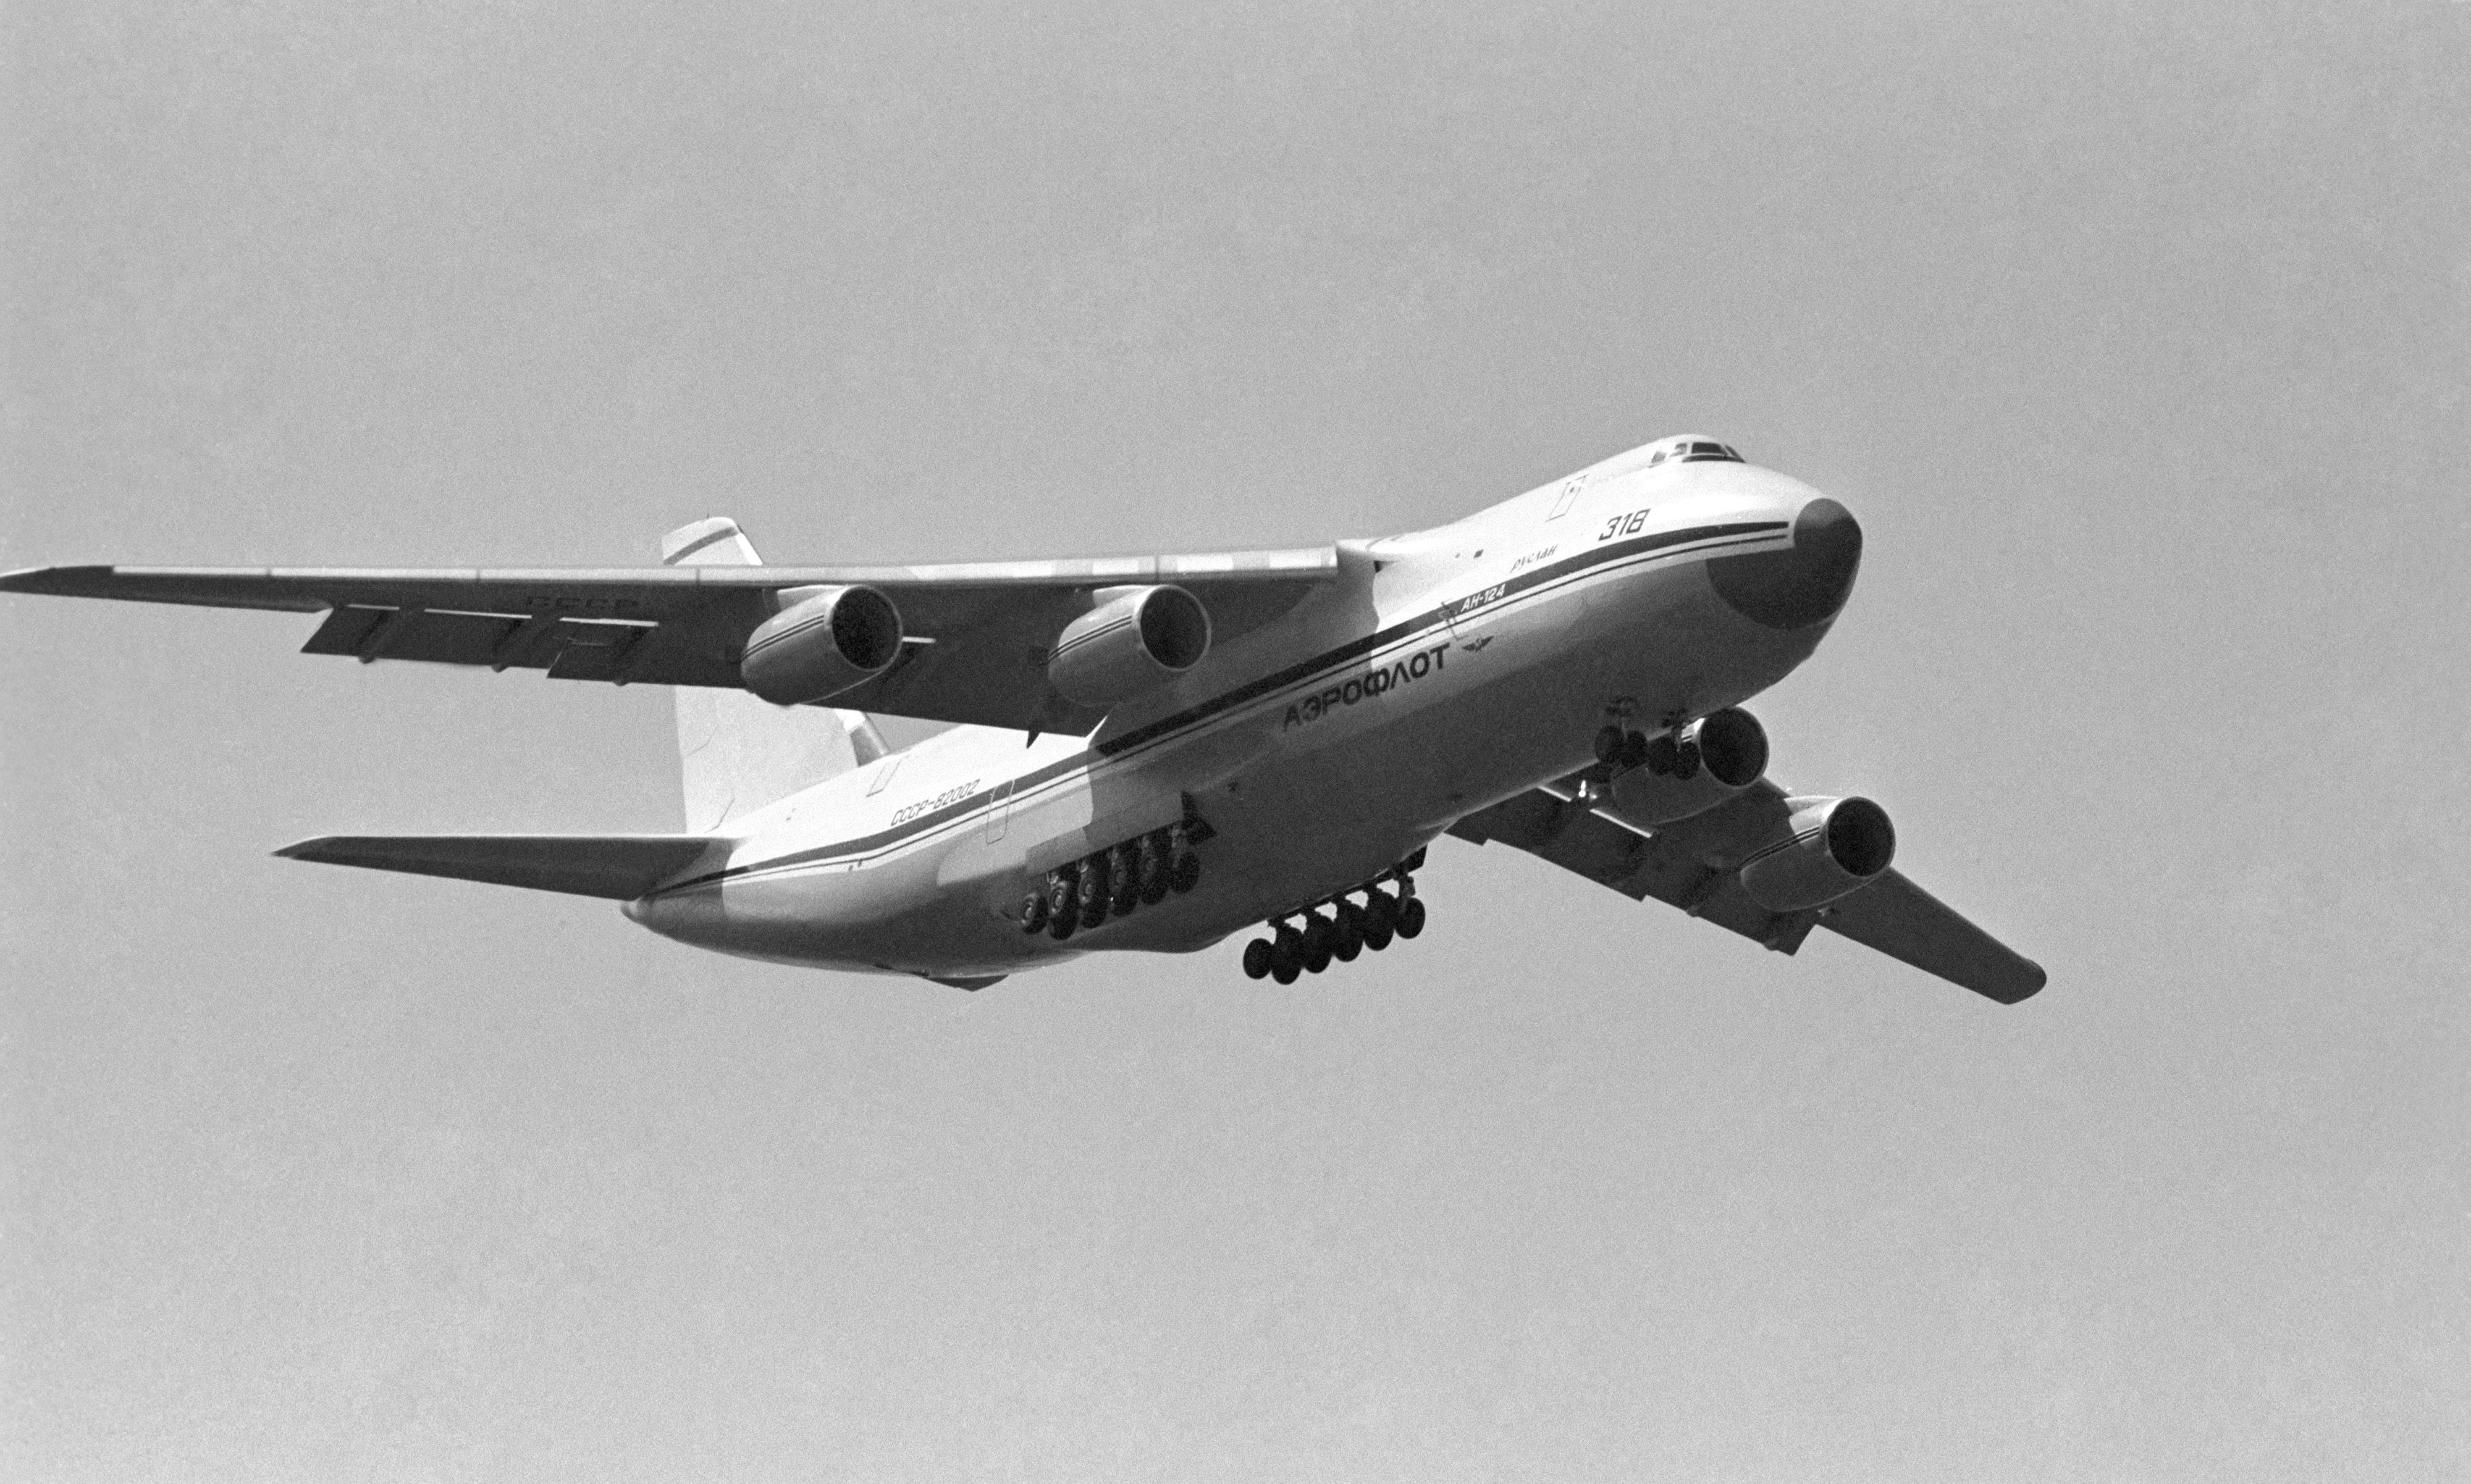 Каковаскорость самолета ? какова скорость полета ?